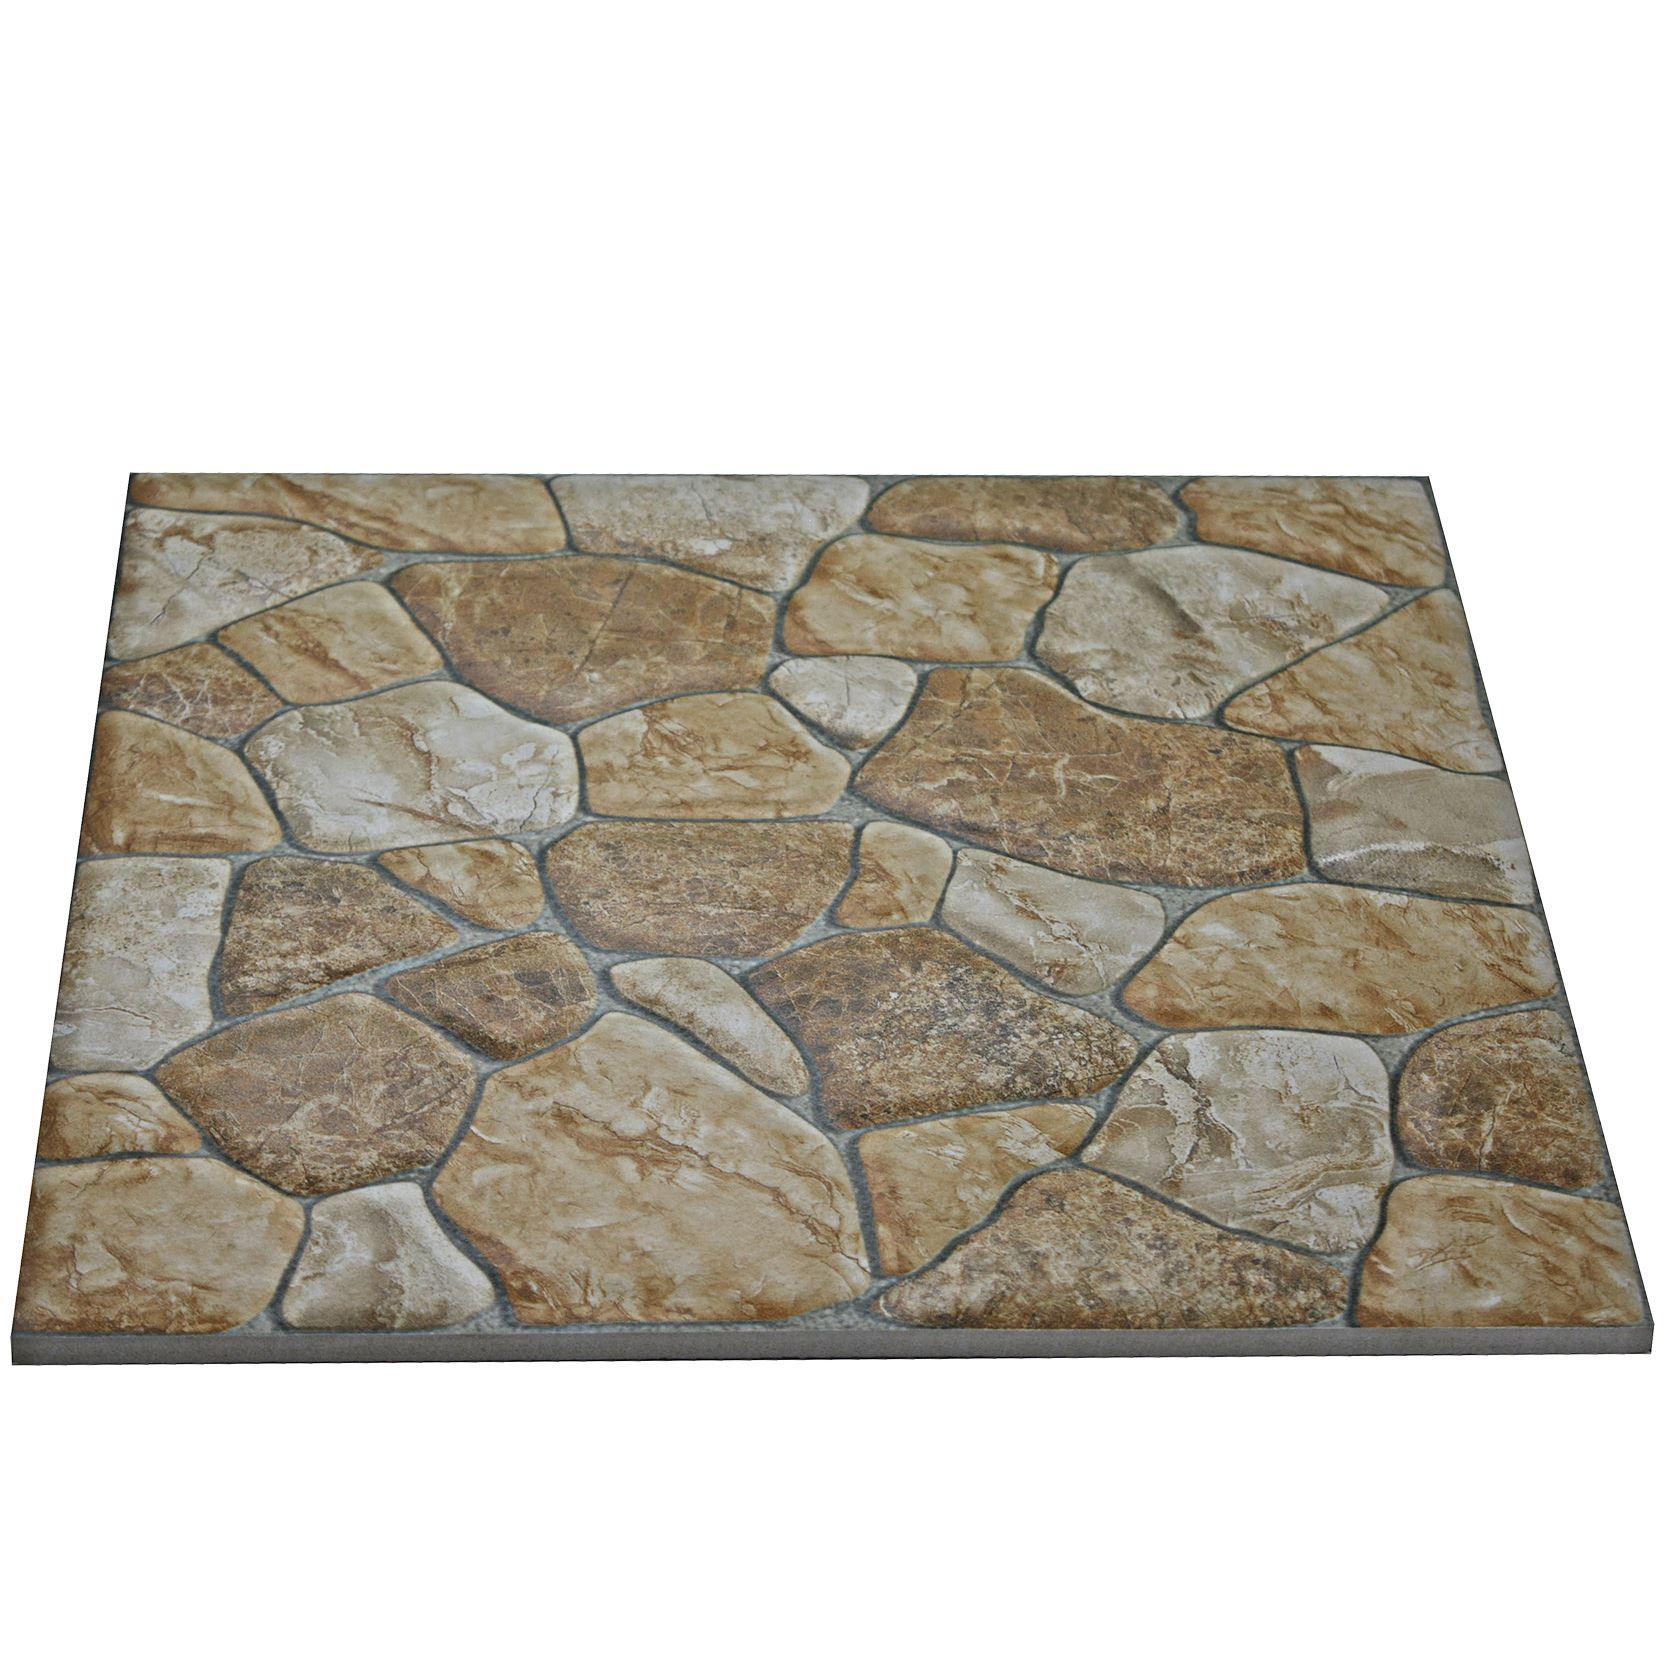 Details about Ceramic Tiles Indiana Stone Design Matt Natural Ceramic Floor  Tiles 30x30cm